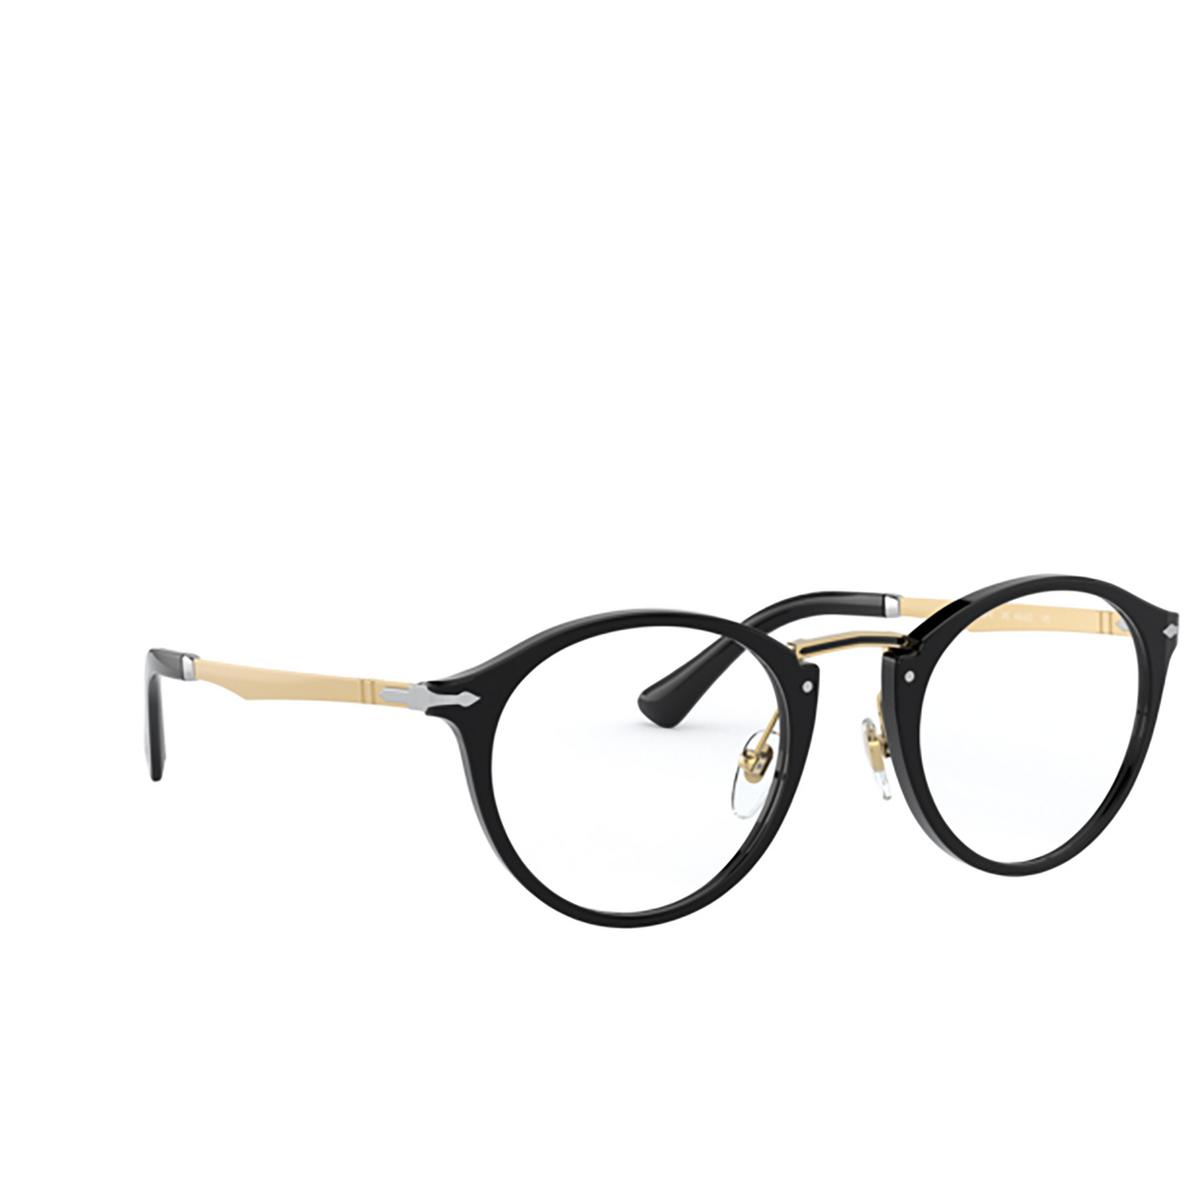 Persol® Round Eyeglasses: PO3248V color Black 95 - three-quarters view.